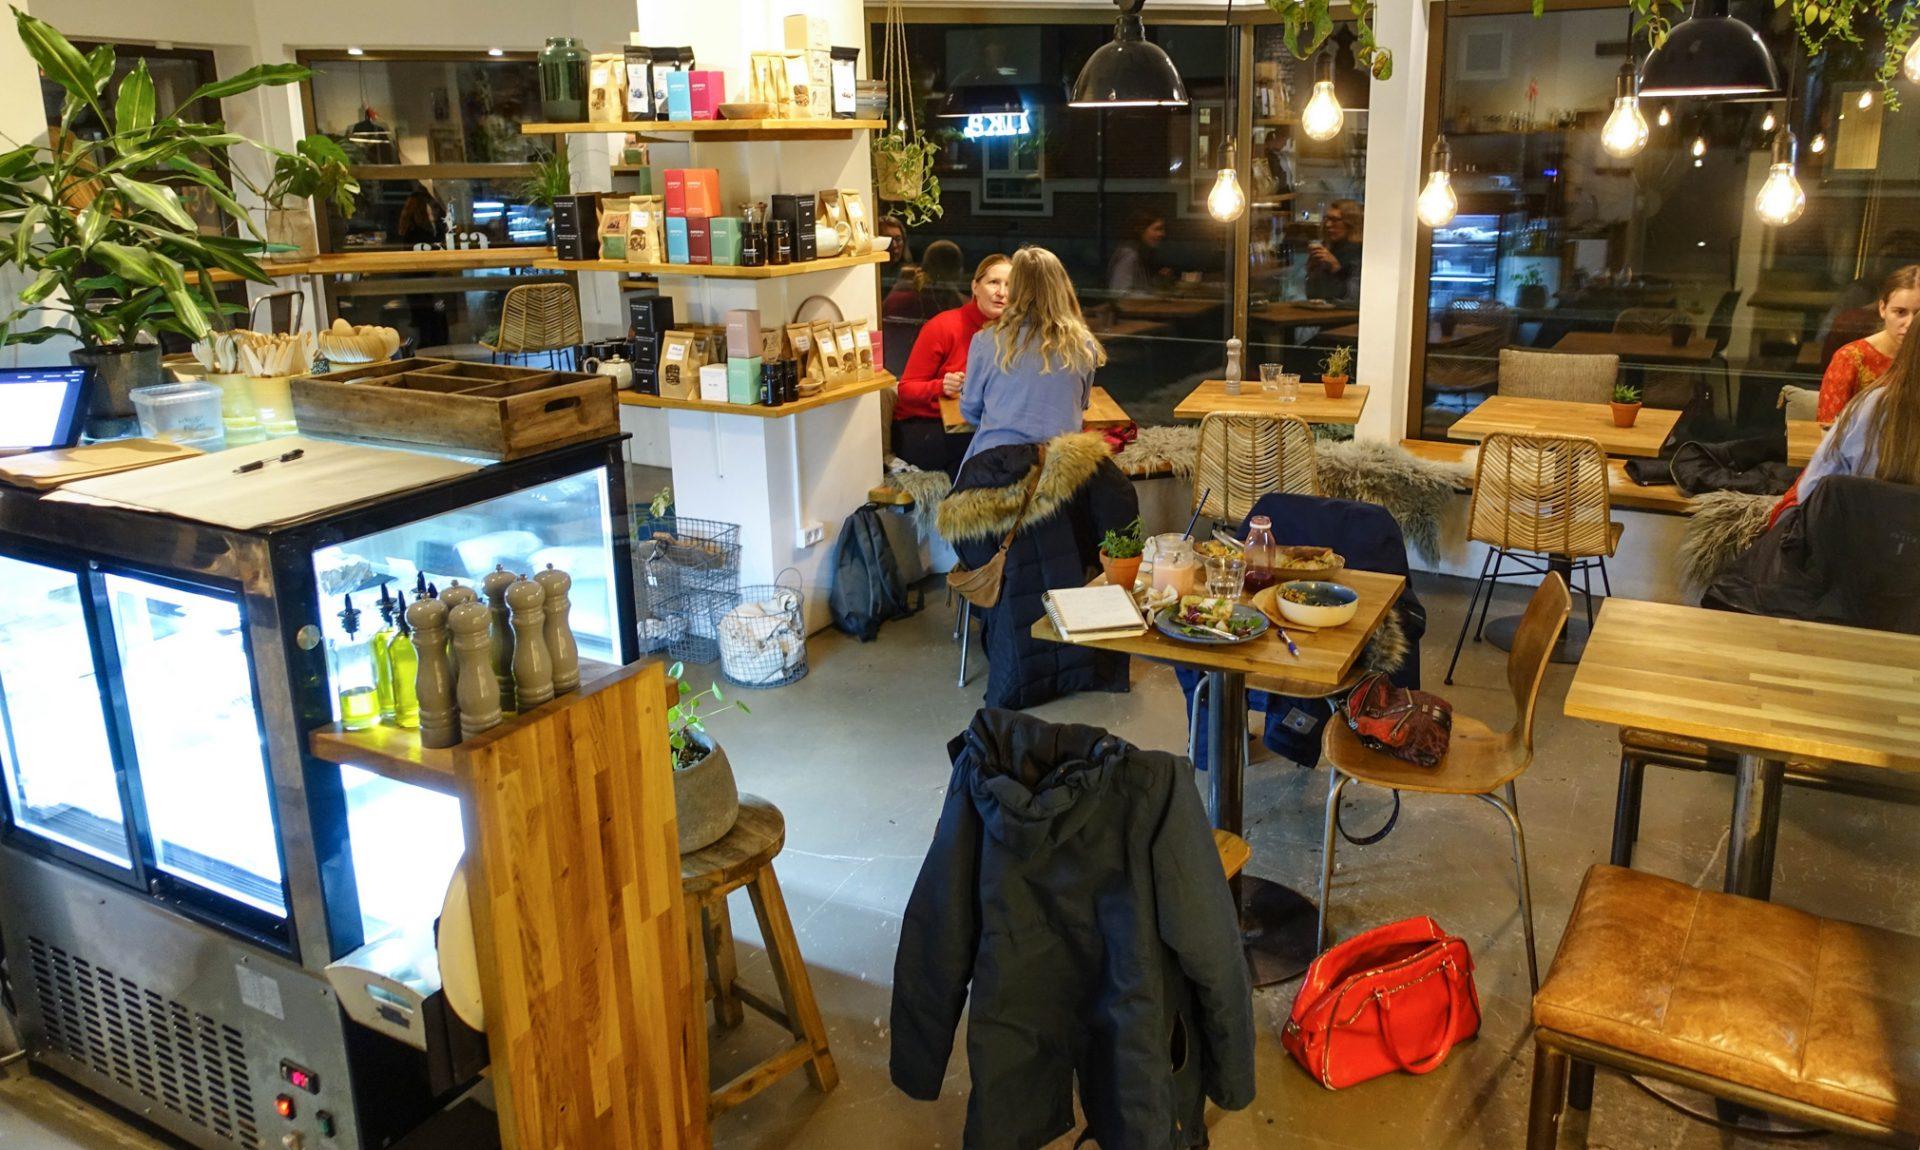 Madanmeldelse: ´Snup en fika´ - hos sunde Café Fika i Nørregade